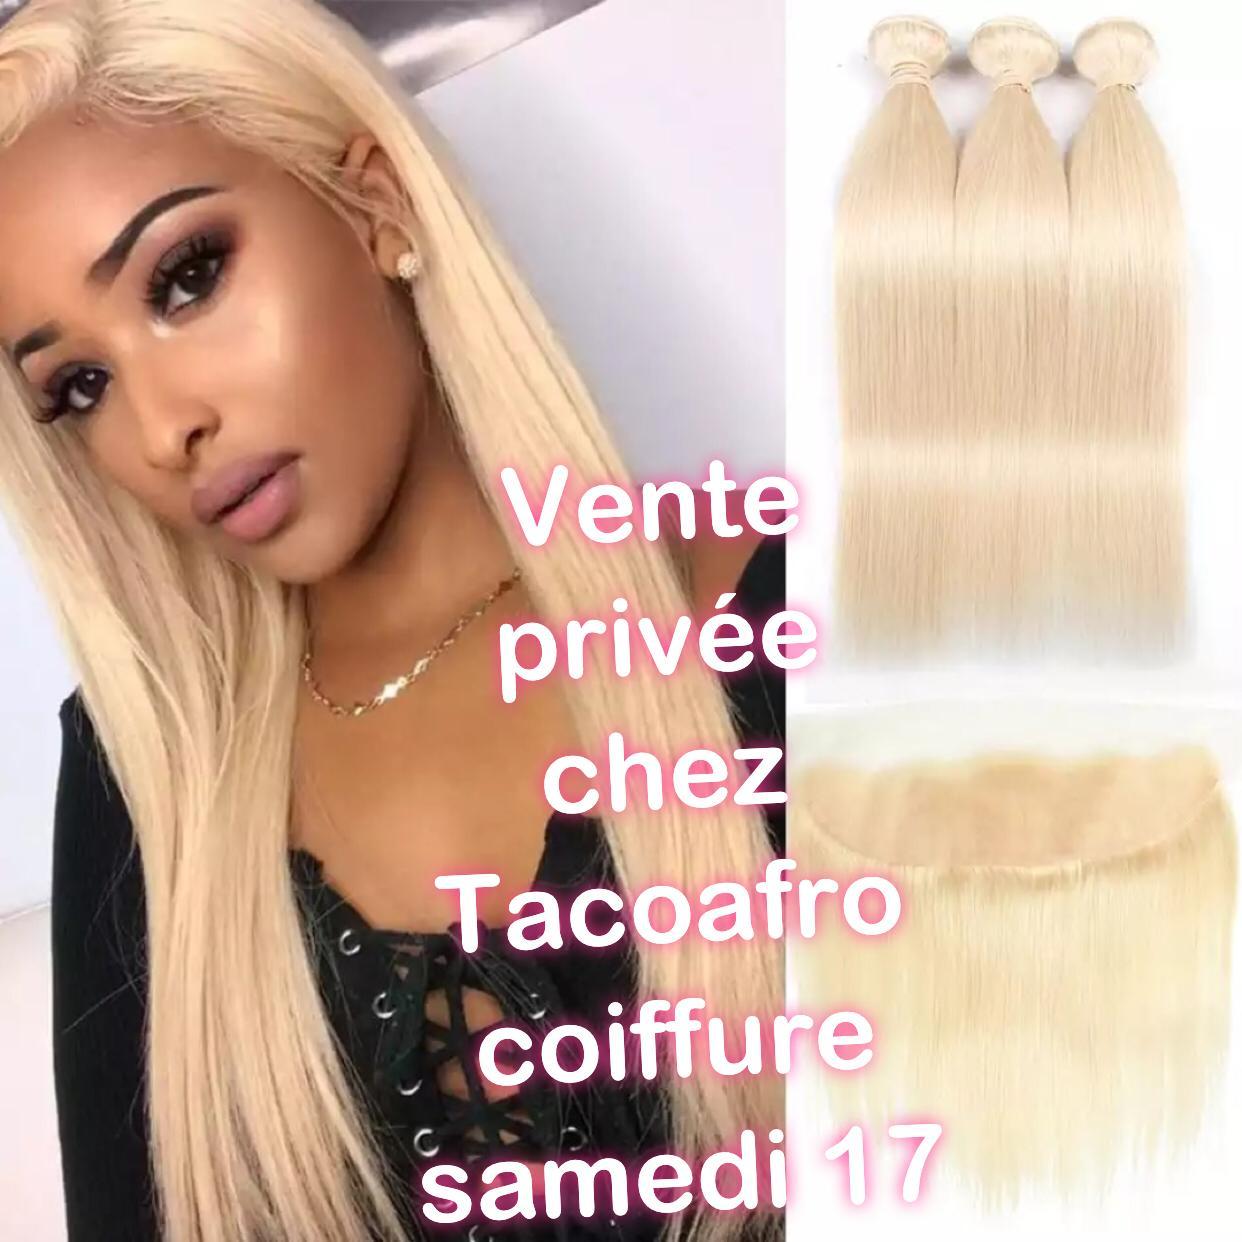 PUB: Soyez belle avec les perruques de TACCO AFFRO Ouest Foire à 100M de la Brioche d'Orée. 77 831 27 10 / 33 820 46 20 et Paris 57 Boulevard Strasbourg Metro chateau d'eau